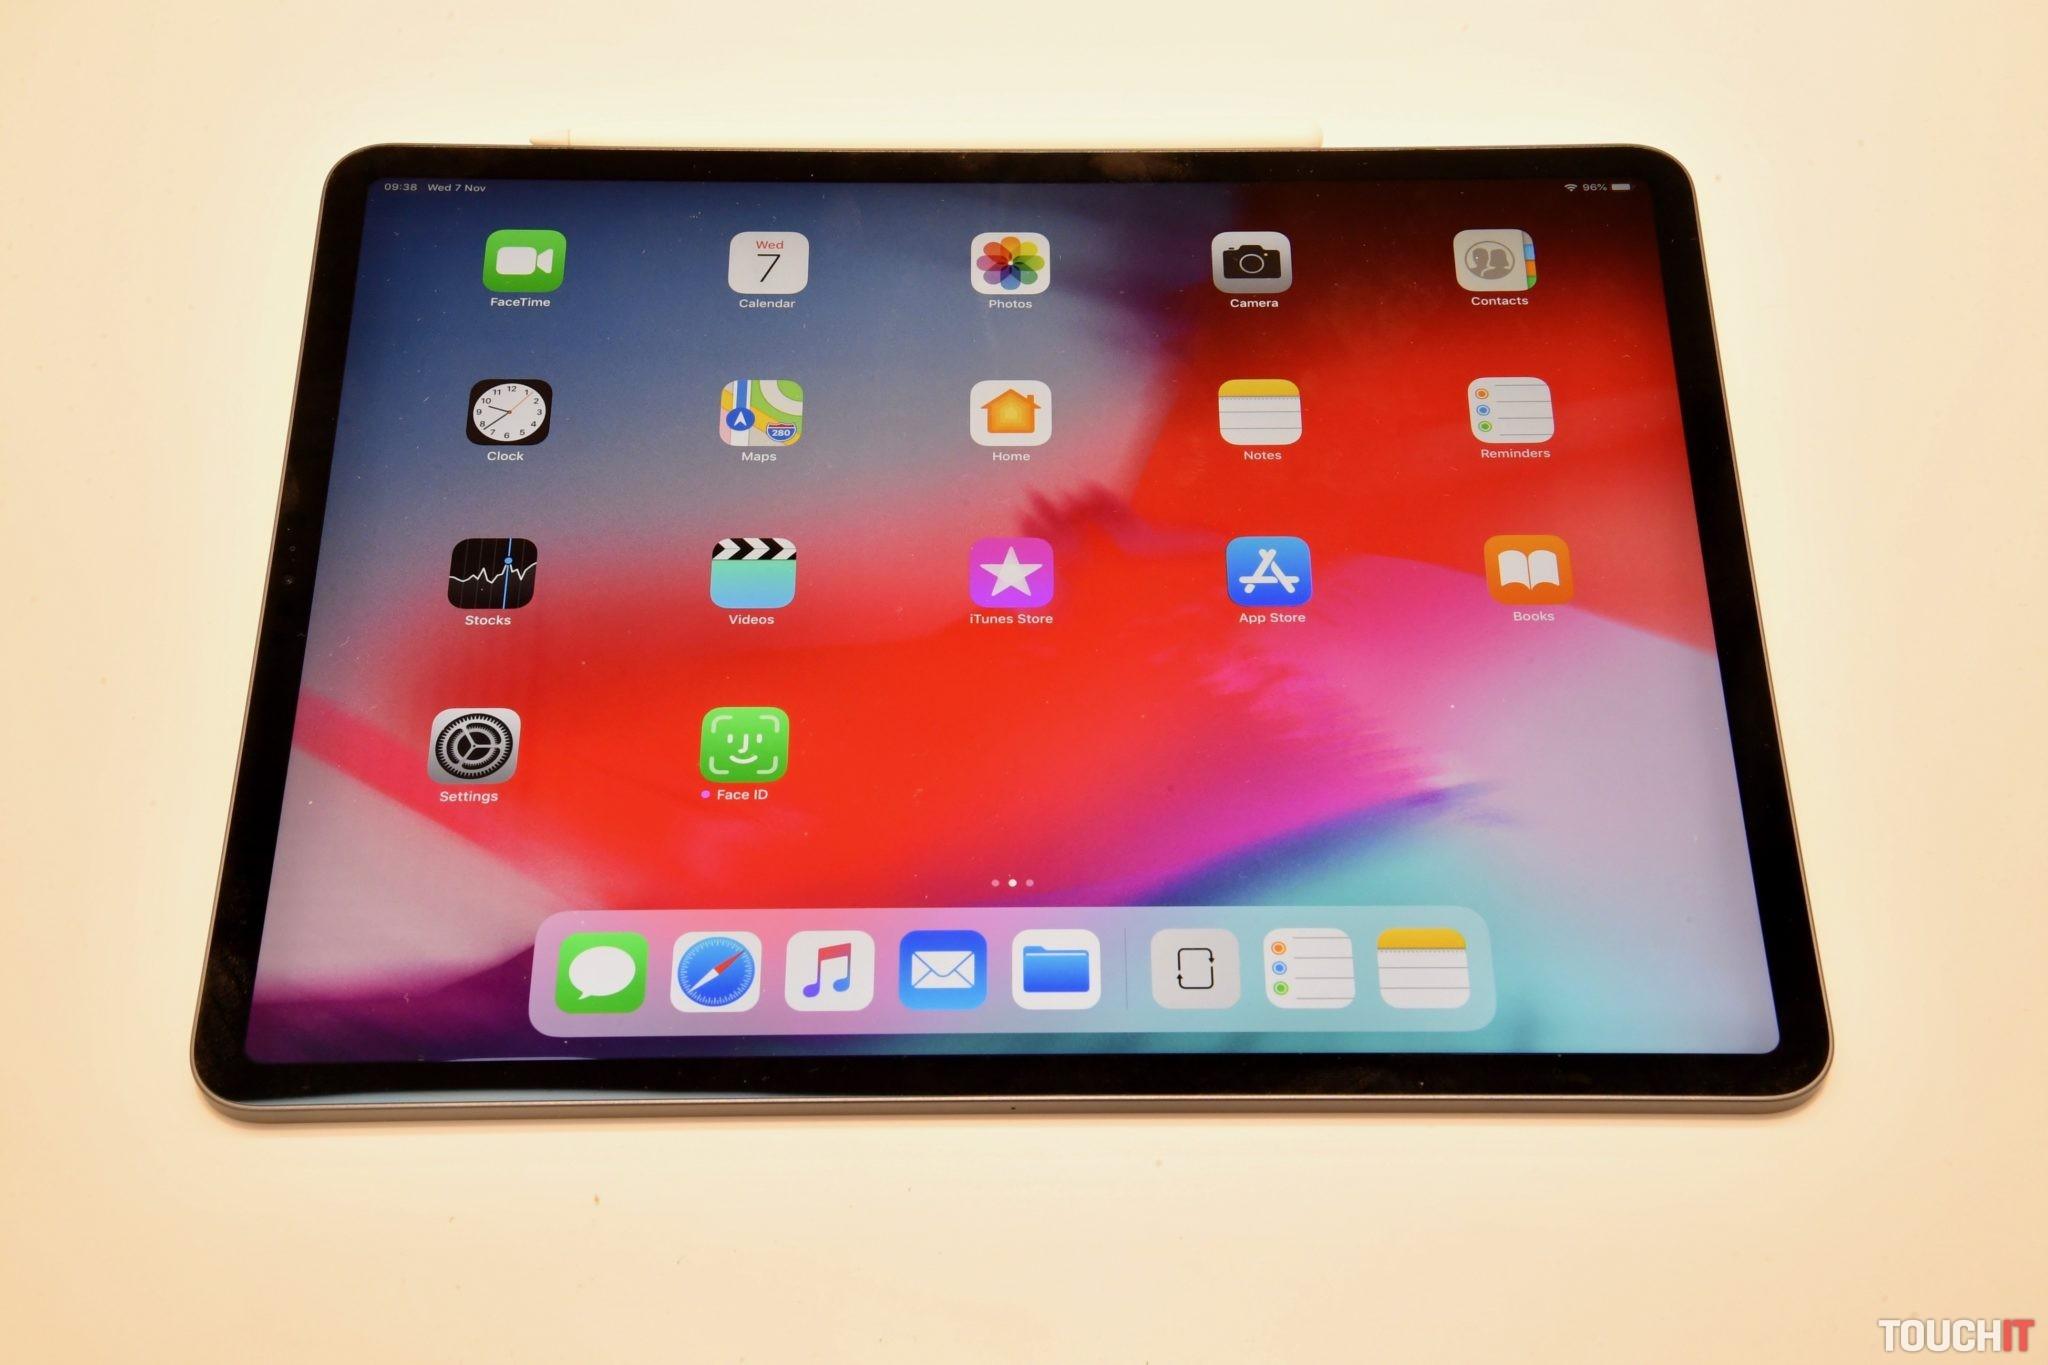 b90ec14a5 Hneď na úvod sme sa zamerali na nový iPad, ktorý má nový dizajn a zúžené  rámiky. Úplne bez rámikov nie je, čo je vo výsledku dobre.